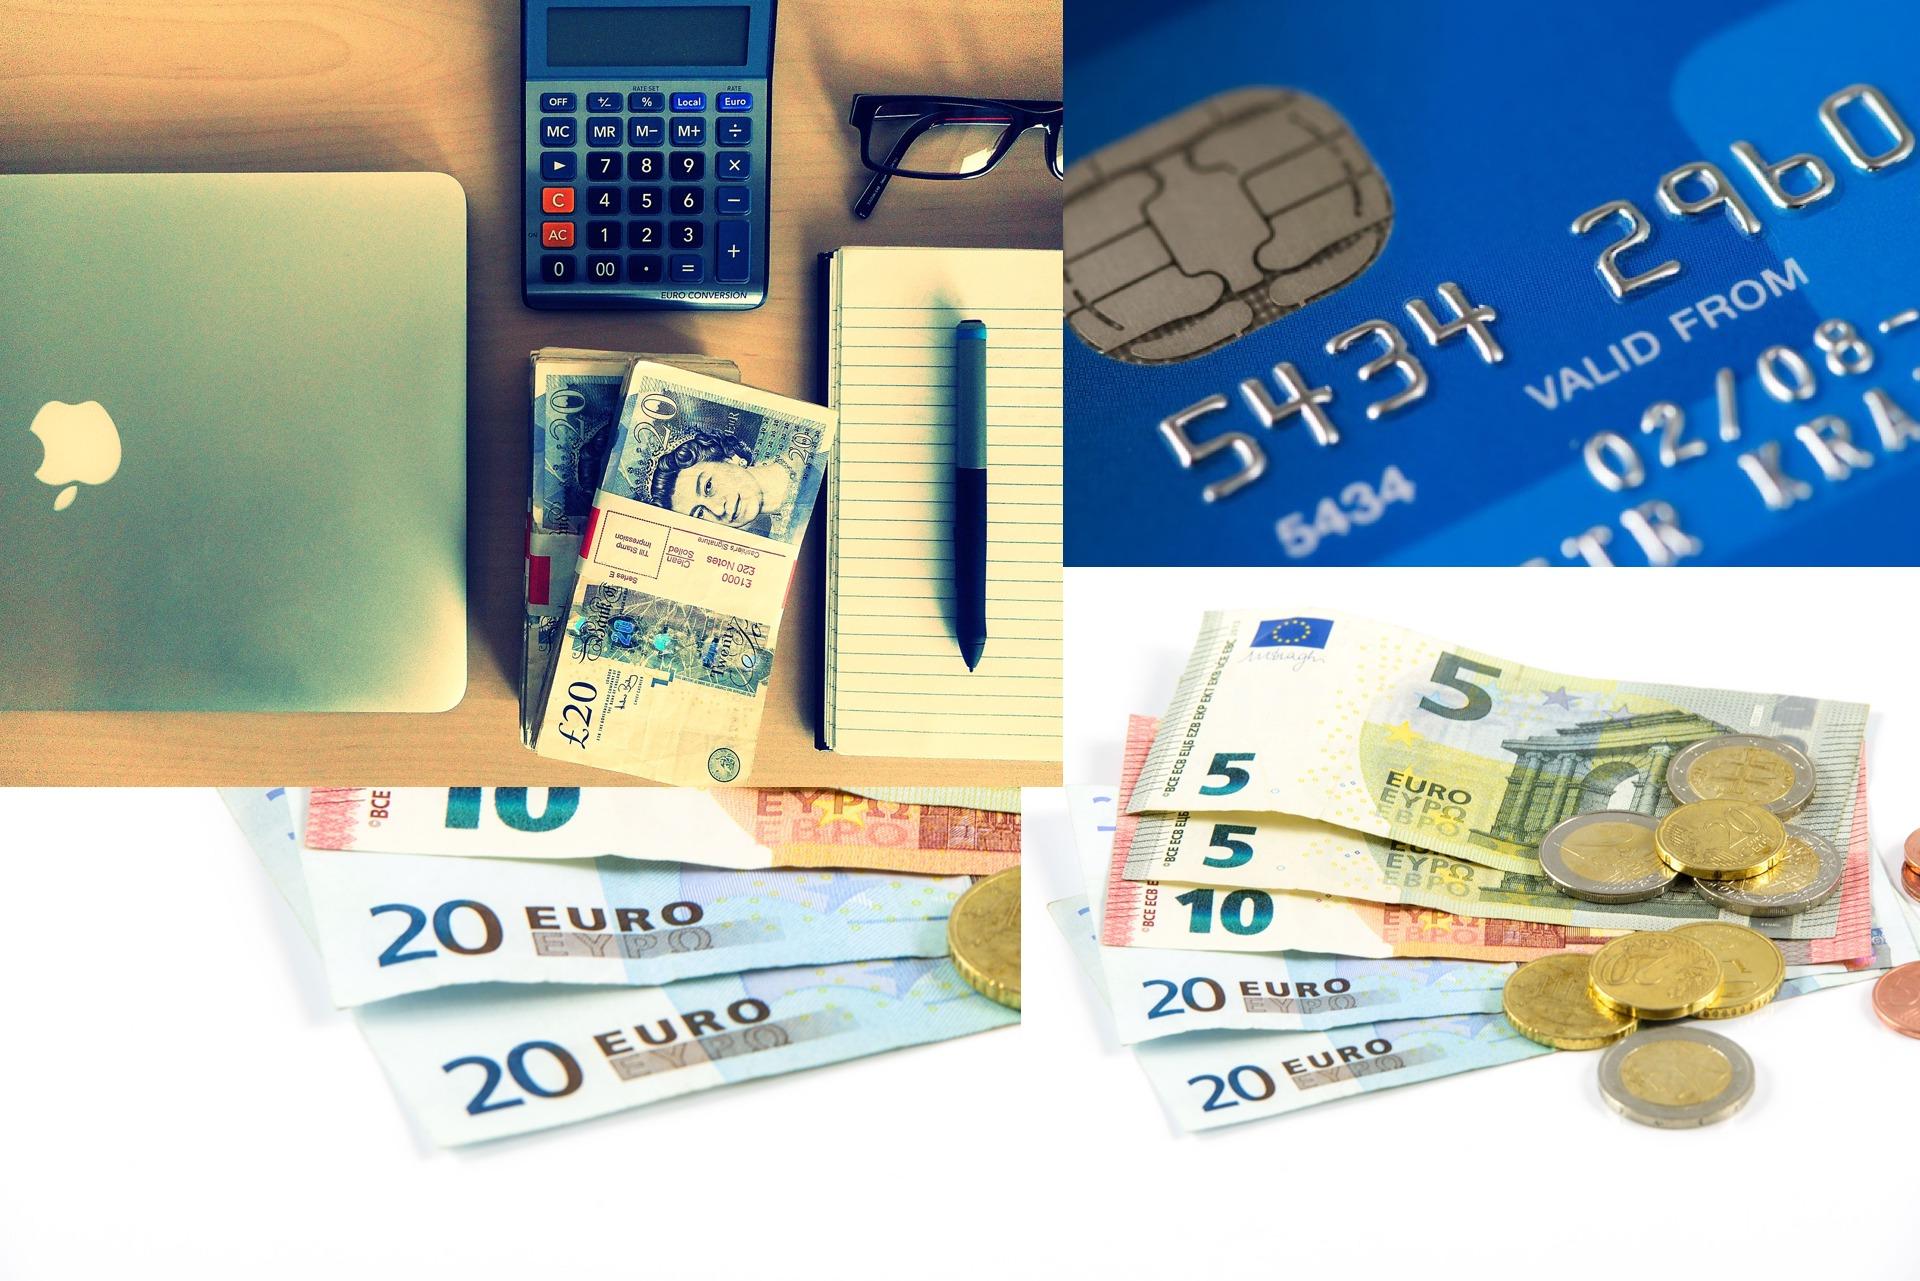 Legislatvny účet za 3 eurá